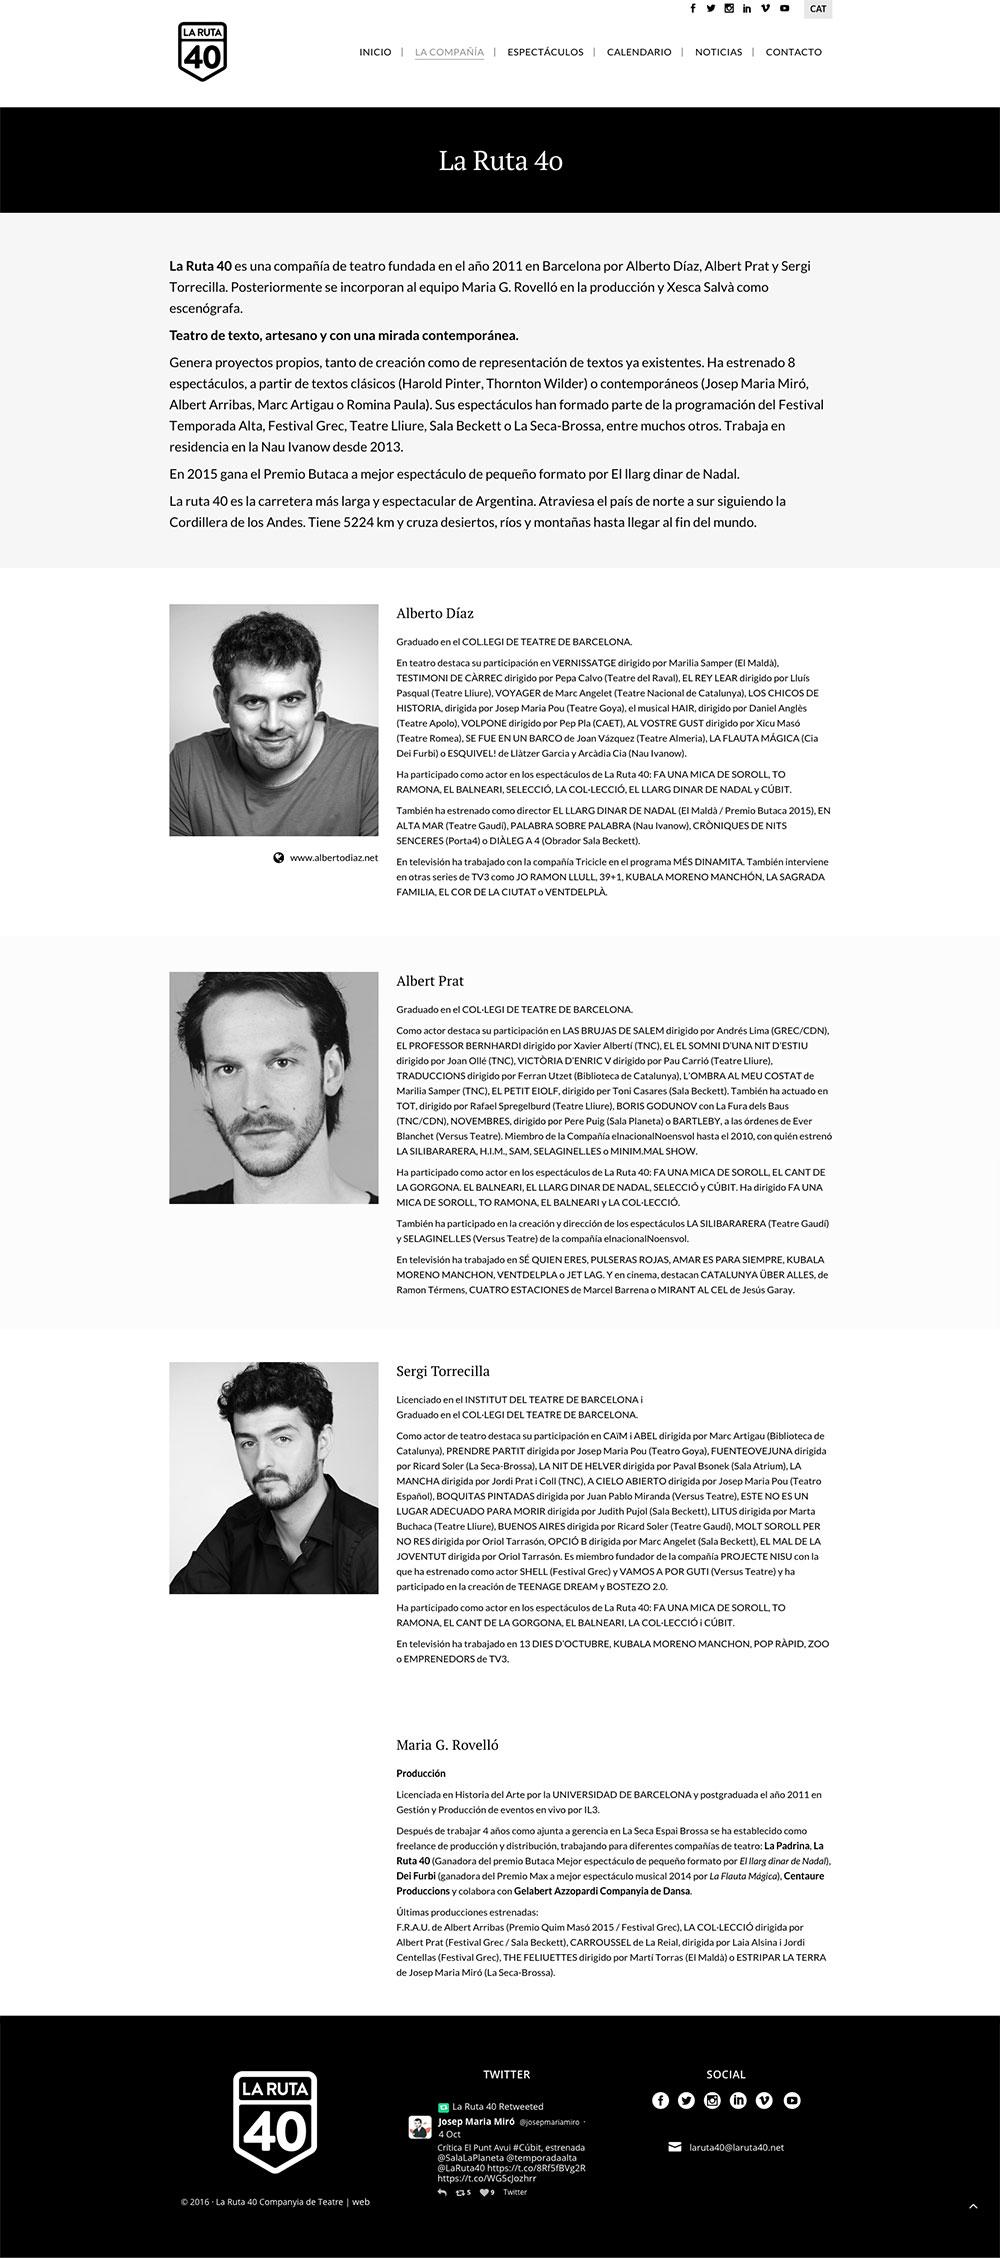 La Ruta 40 - Compañía de teatro - Diseño y programación web